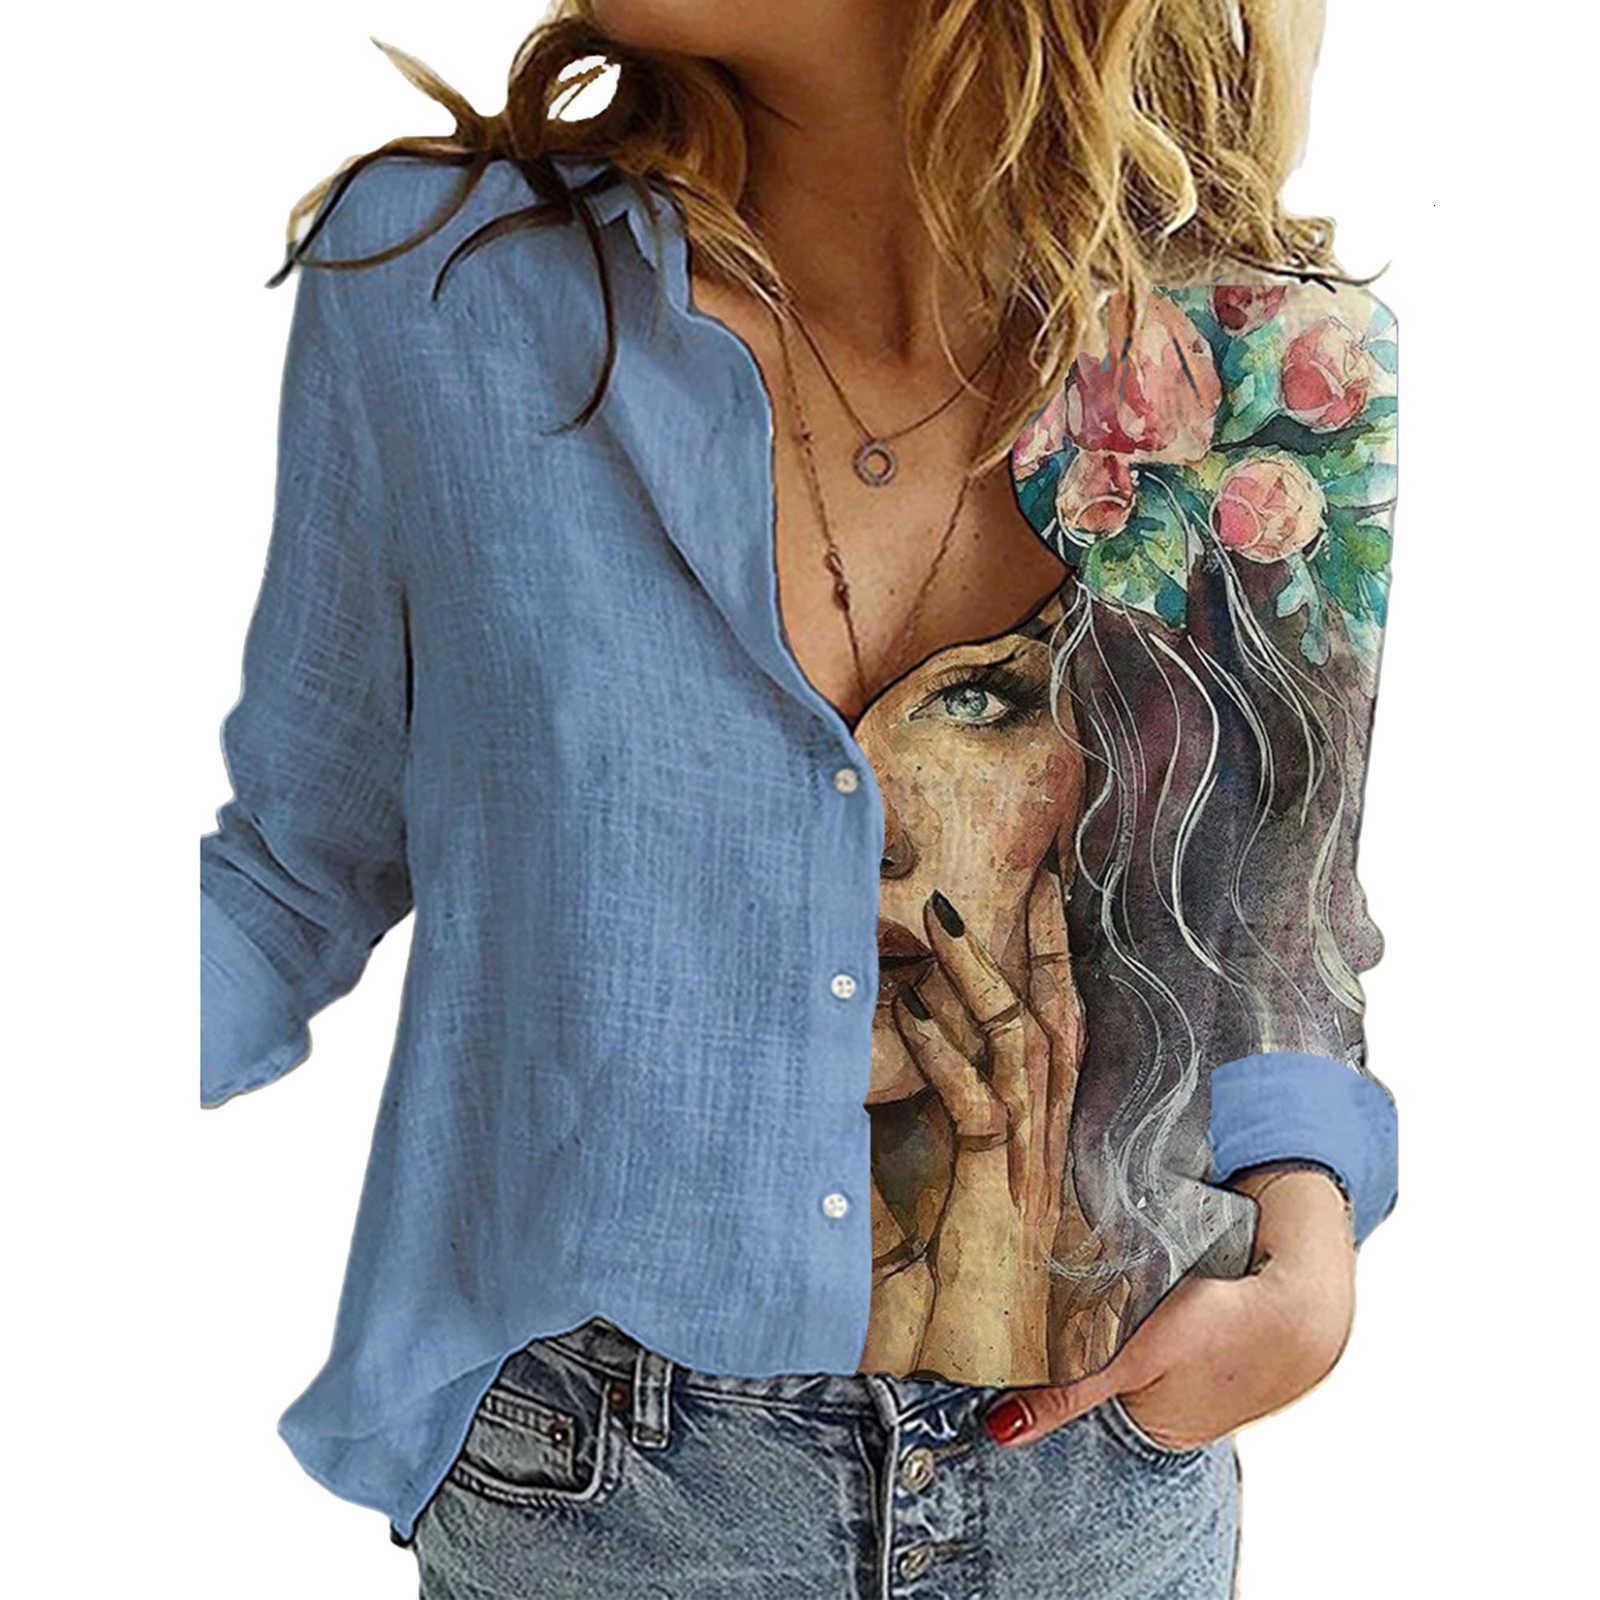 Patchwork Vintage Mujer botones Blusas Otoño Sexy Estampado Floral Tops Casual Flojo Oficina Camisa de las señoras Femme Blusa Plus Tamaño 3XL